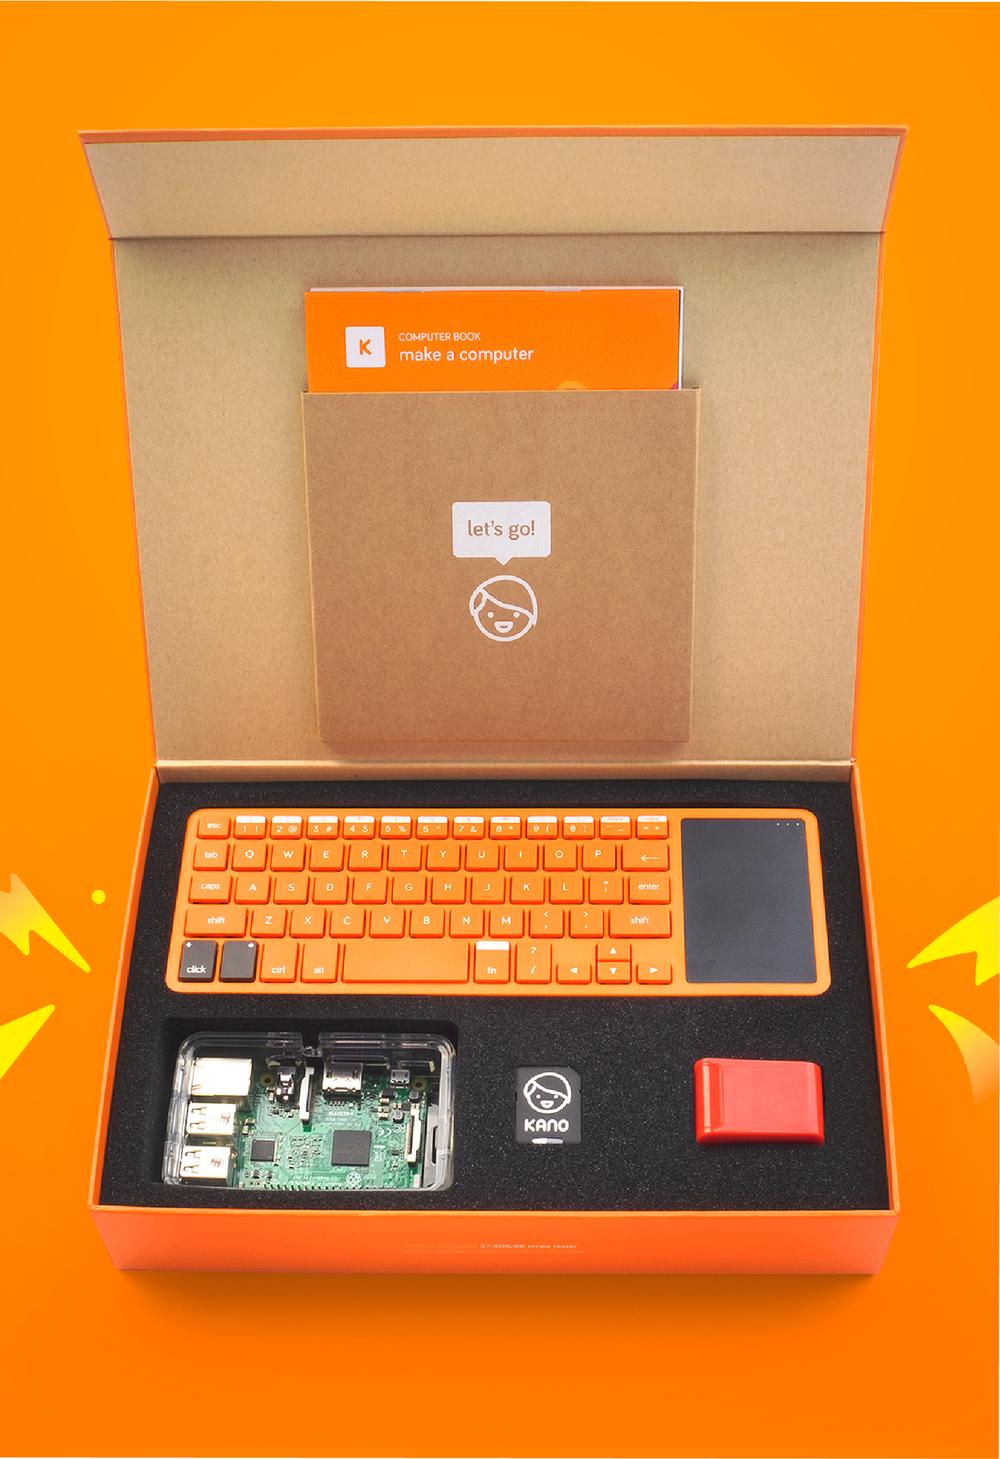 kano-box-02.png